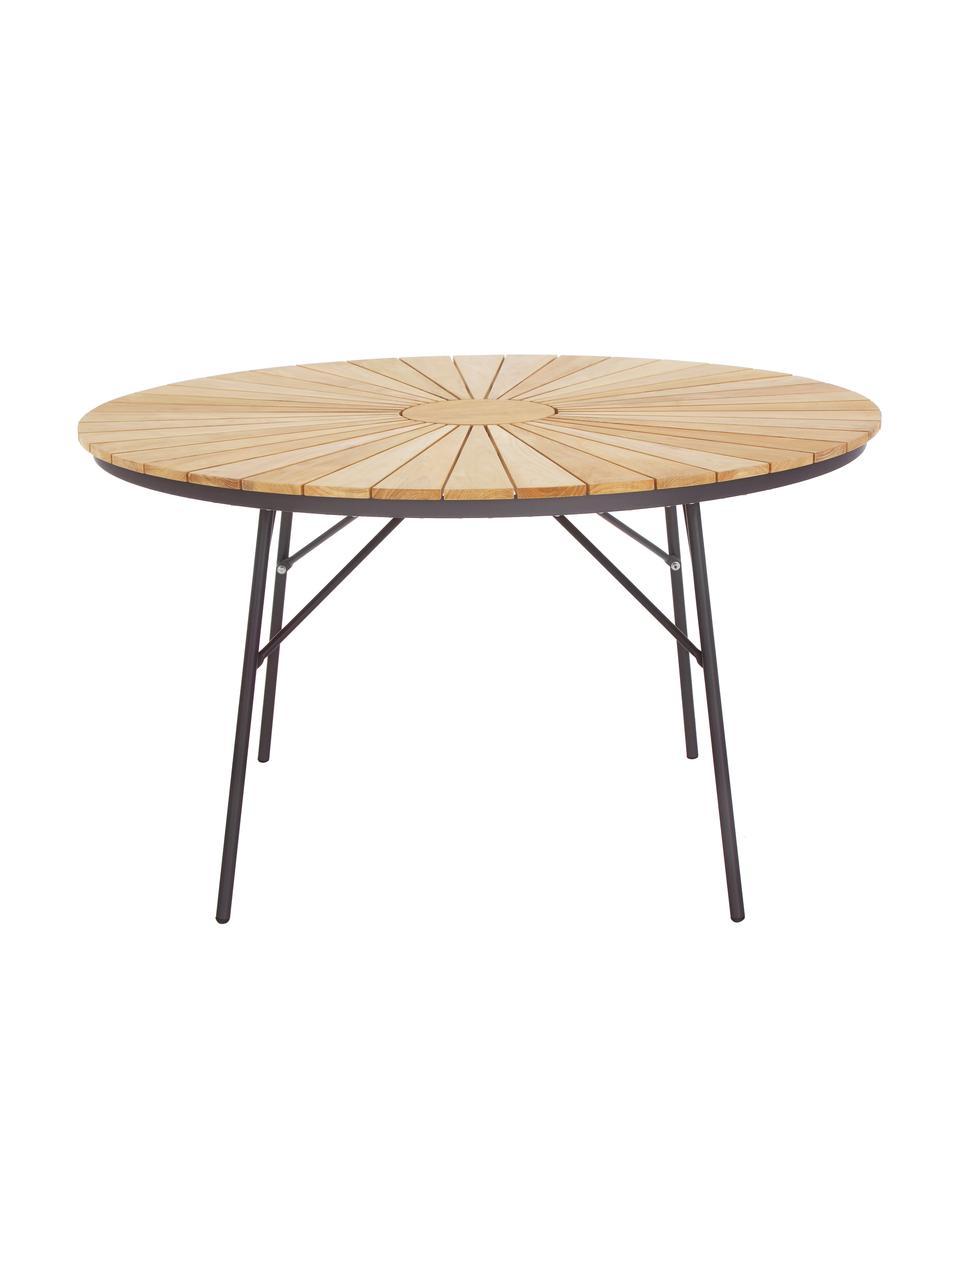 Okrągły stół ogrodowy z drewna Hard & Ellen, Blat: drewno tekowe, piaskowane, Antracytowy, drewno tekowe, Ø 110 x W 73 cm